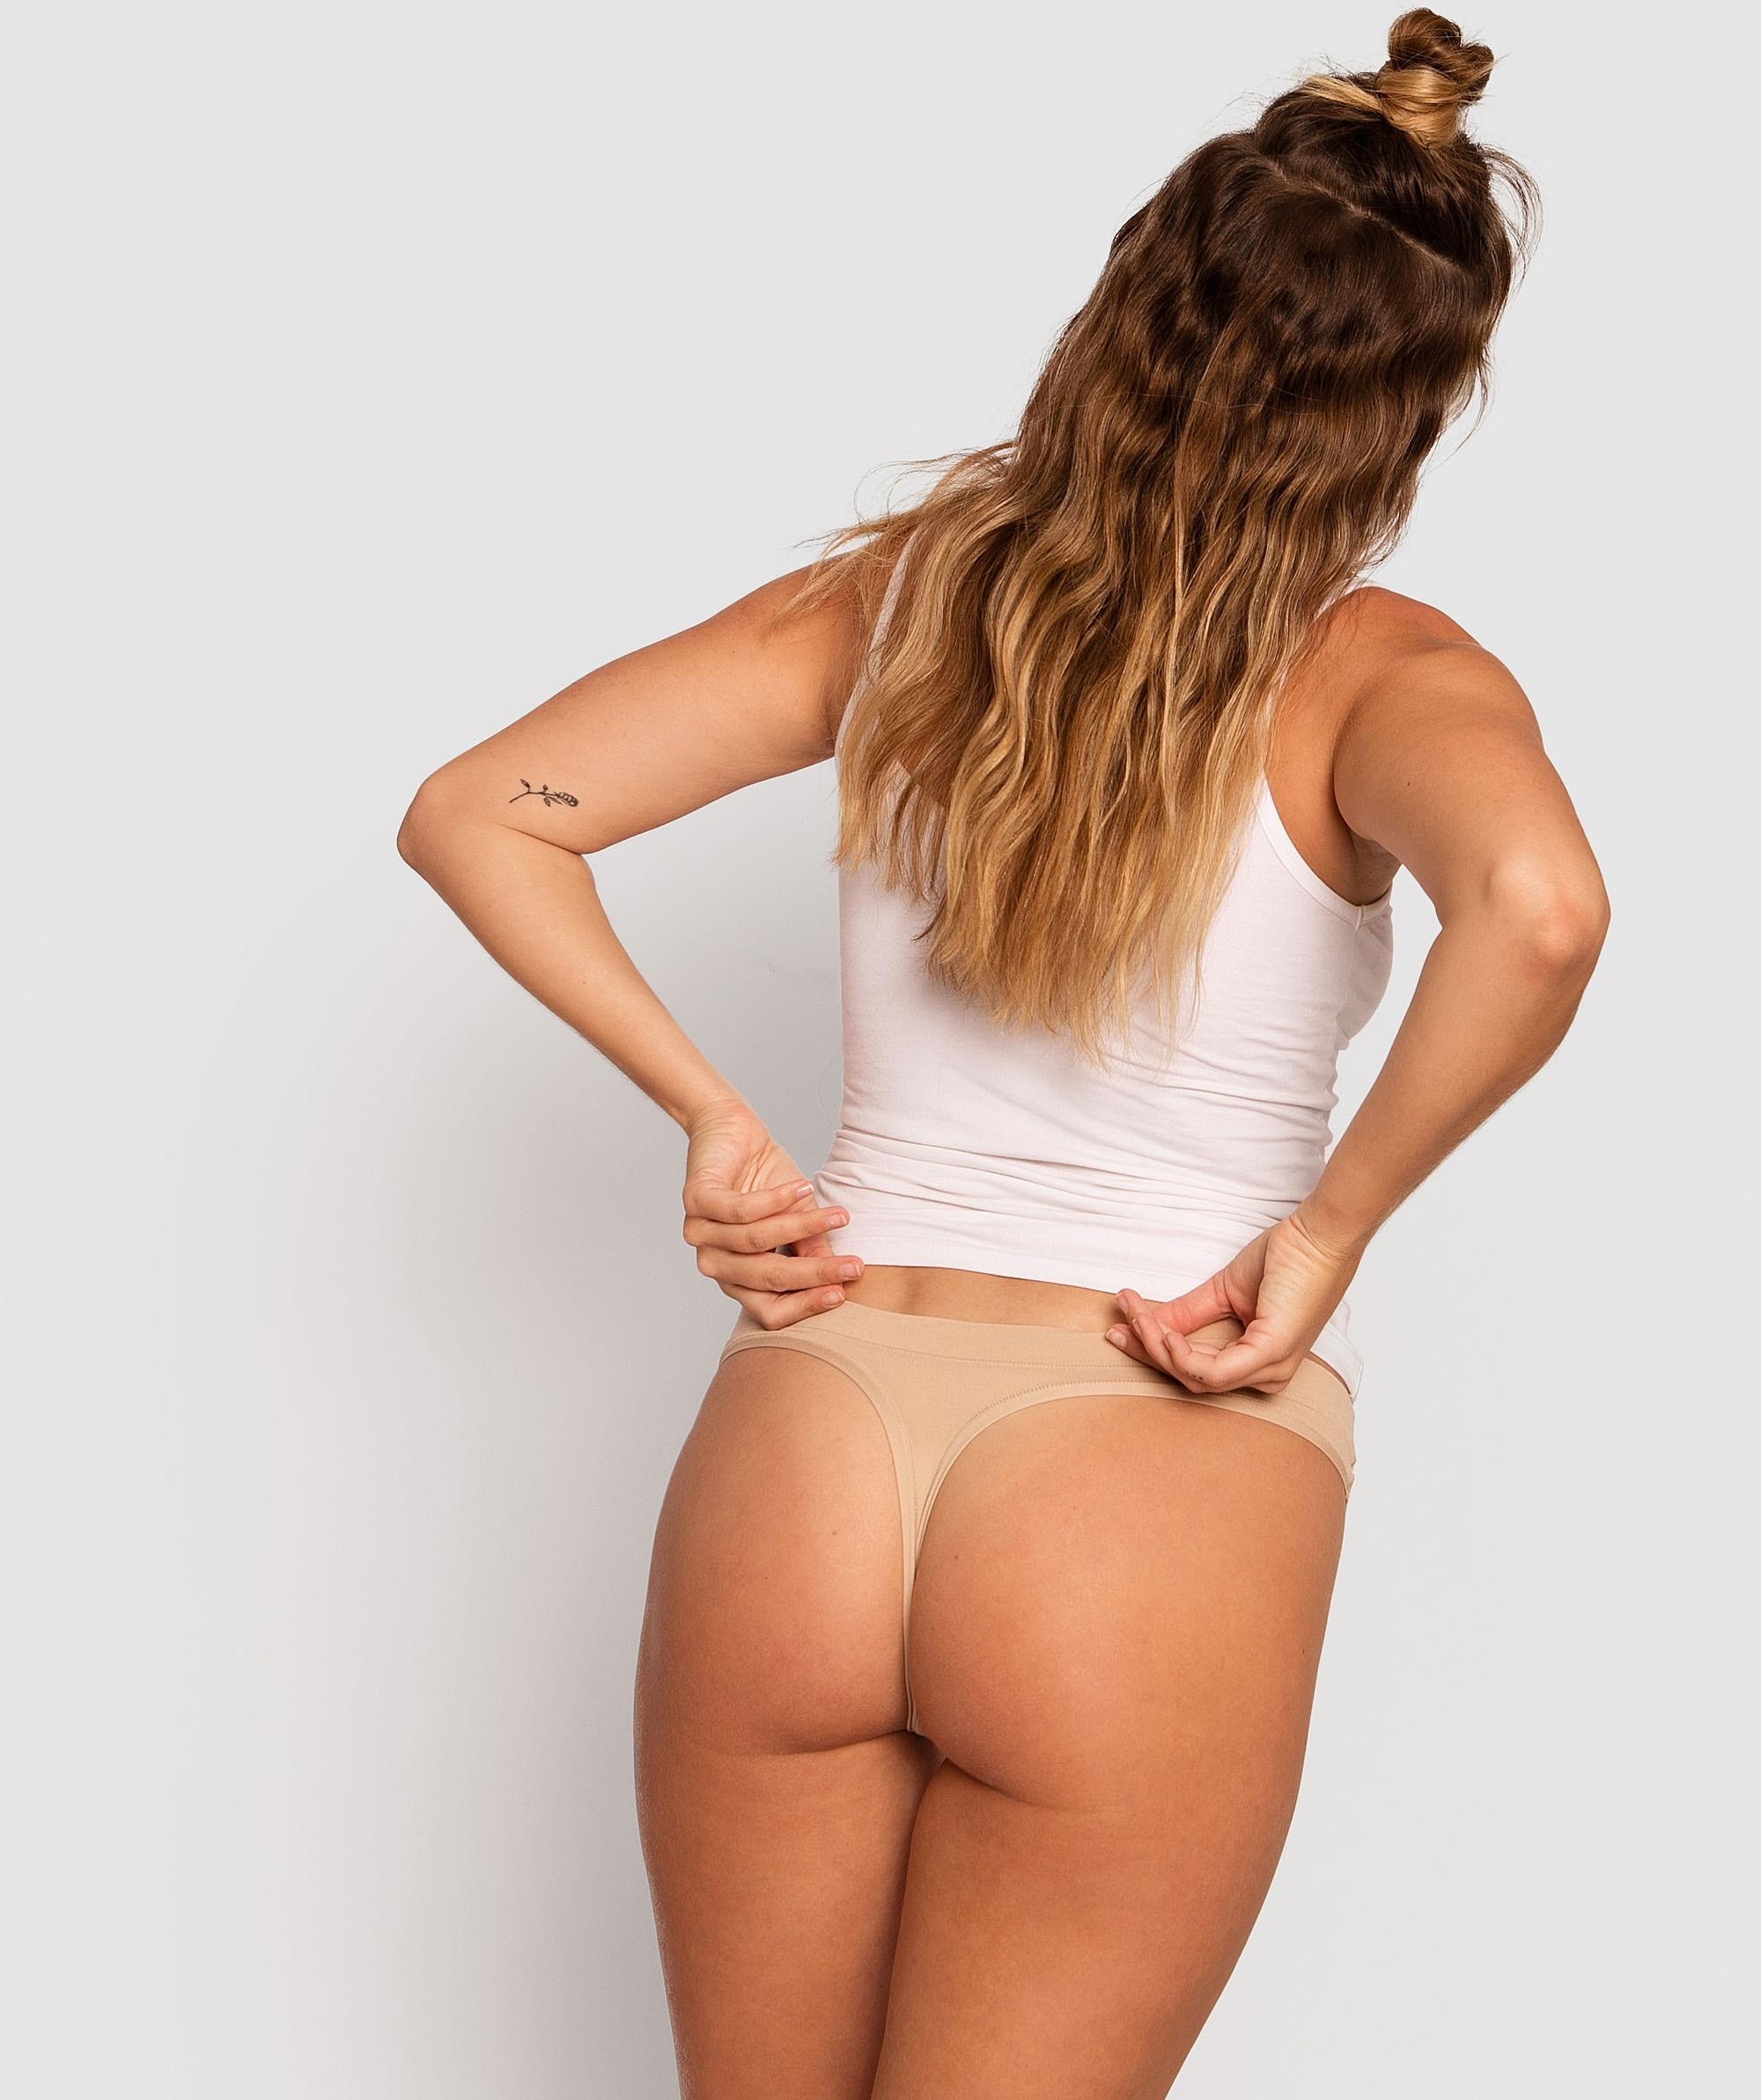 Body Bliss 2nd Gen V-String Knicker - Nude